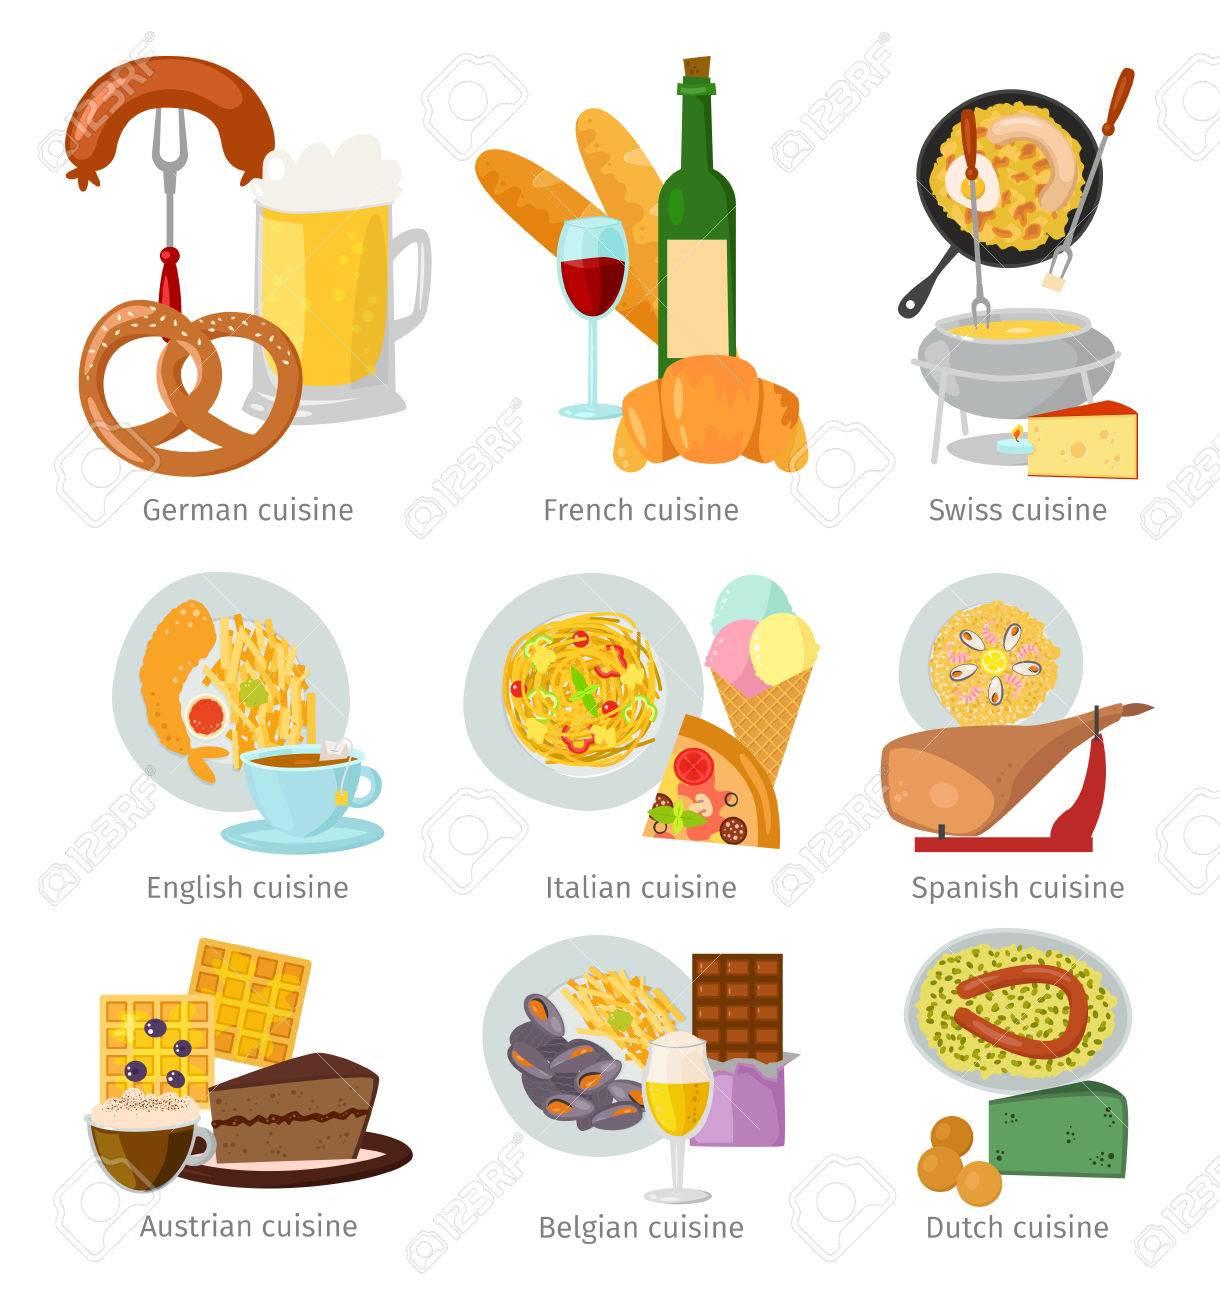 ヨーロッパ料理食品ランチおいしいおいしい料理ベクトル イラスト